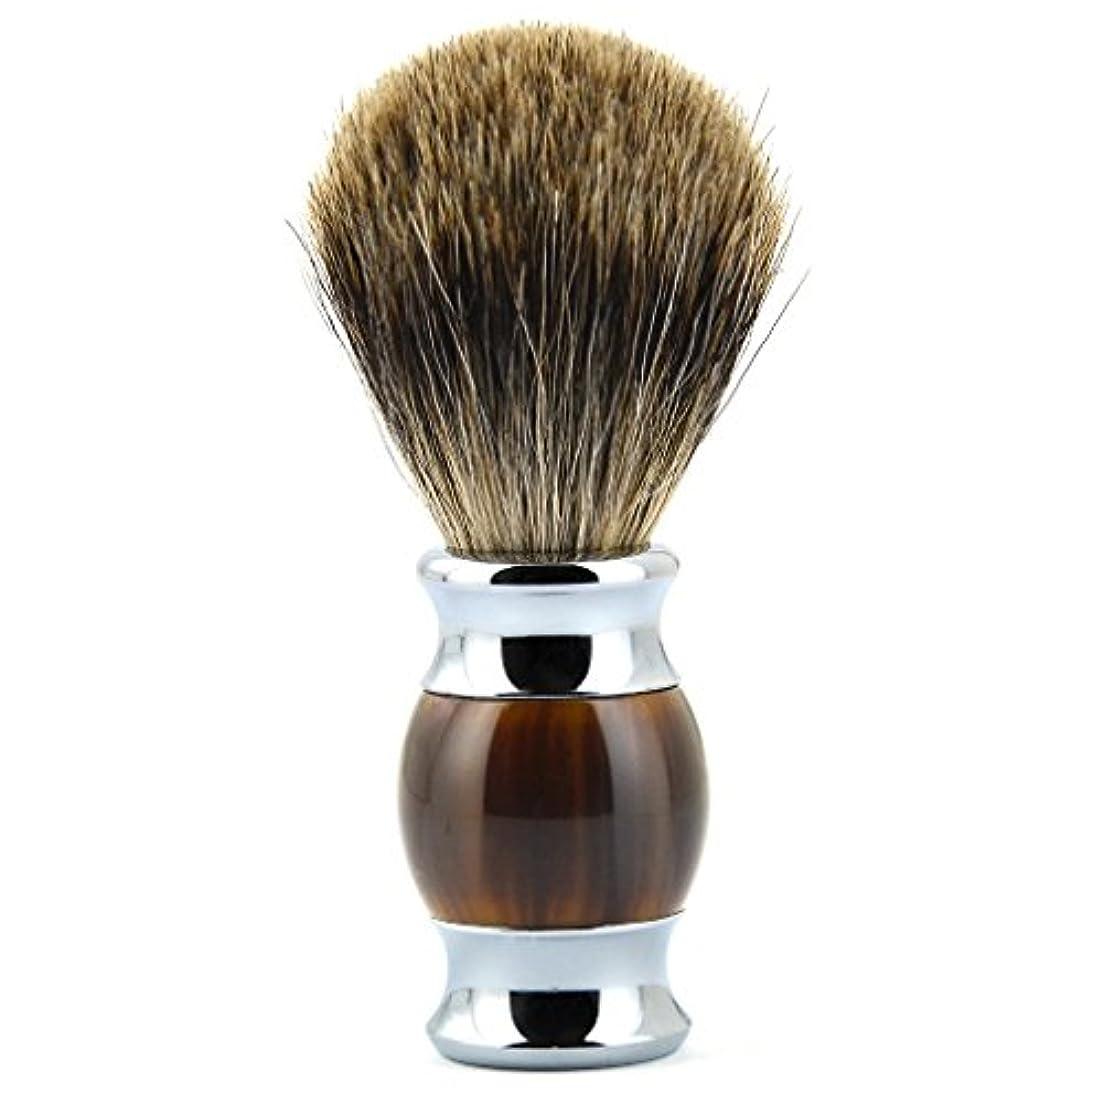 ましい第二に家禽Arichops ひげブラシ シェービング ブラシ シェービング用ブラシ メンズ 100% アナグマ毛 理容 洗顔 髭剃り 泡立ち 【品質保証】